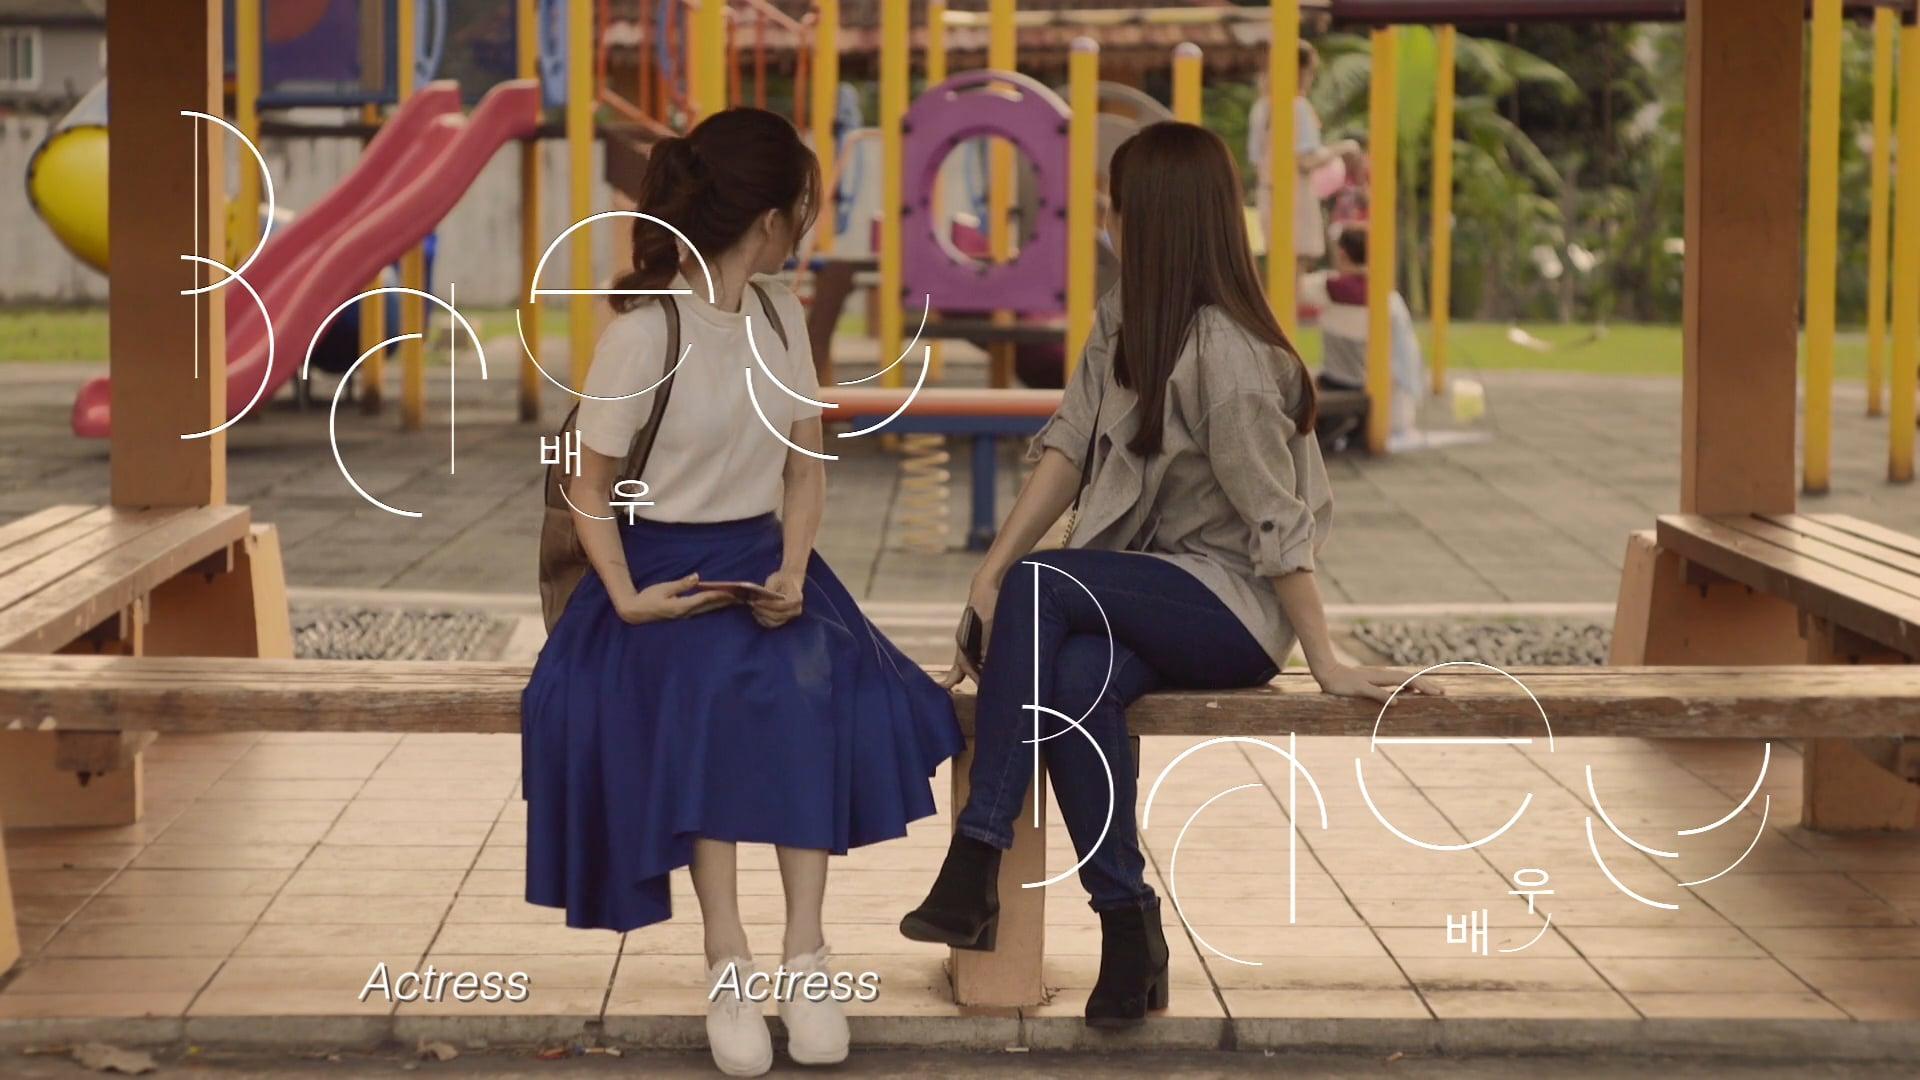 Baeu Baeu Trailer